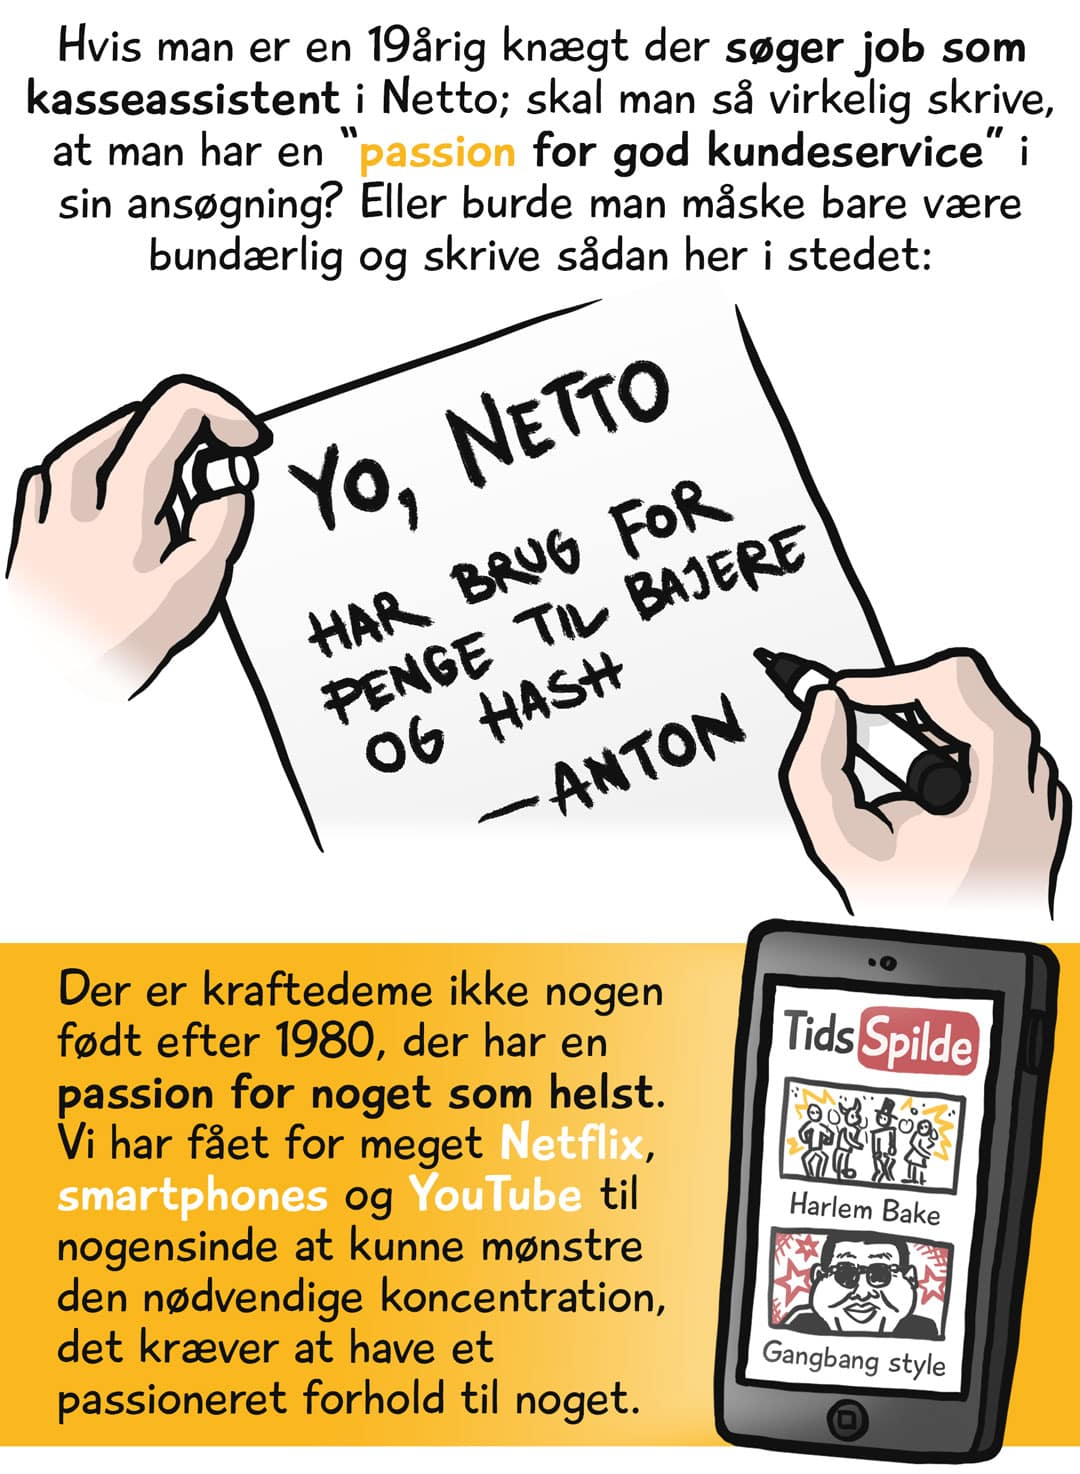 """Hvis man er en 19årig knægt der søger job som kasseassisten i Netto; skal man så virkelig skrive, at man har en """"passion for god kundeservice"""" i sin ansøgning? Eller burde man måske bare være bundærlig og skrive sådan her i stedet: """"Yo, Netto. Har brug for penge til bajere og hash. Anton."""" Der er kraftedeme ikke nogen født efter 1980, der har en passion for noget som helst. Vi har fået for meget Netflix, smartphones og YouTube til nogensinde at kunne mønstre den nødvendige koncentration, det kræver at have et passioneret forhold til noget."""